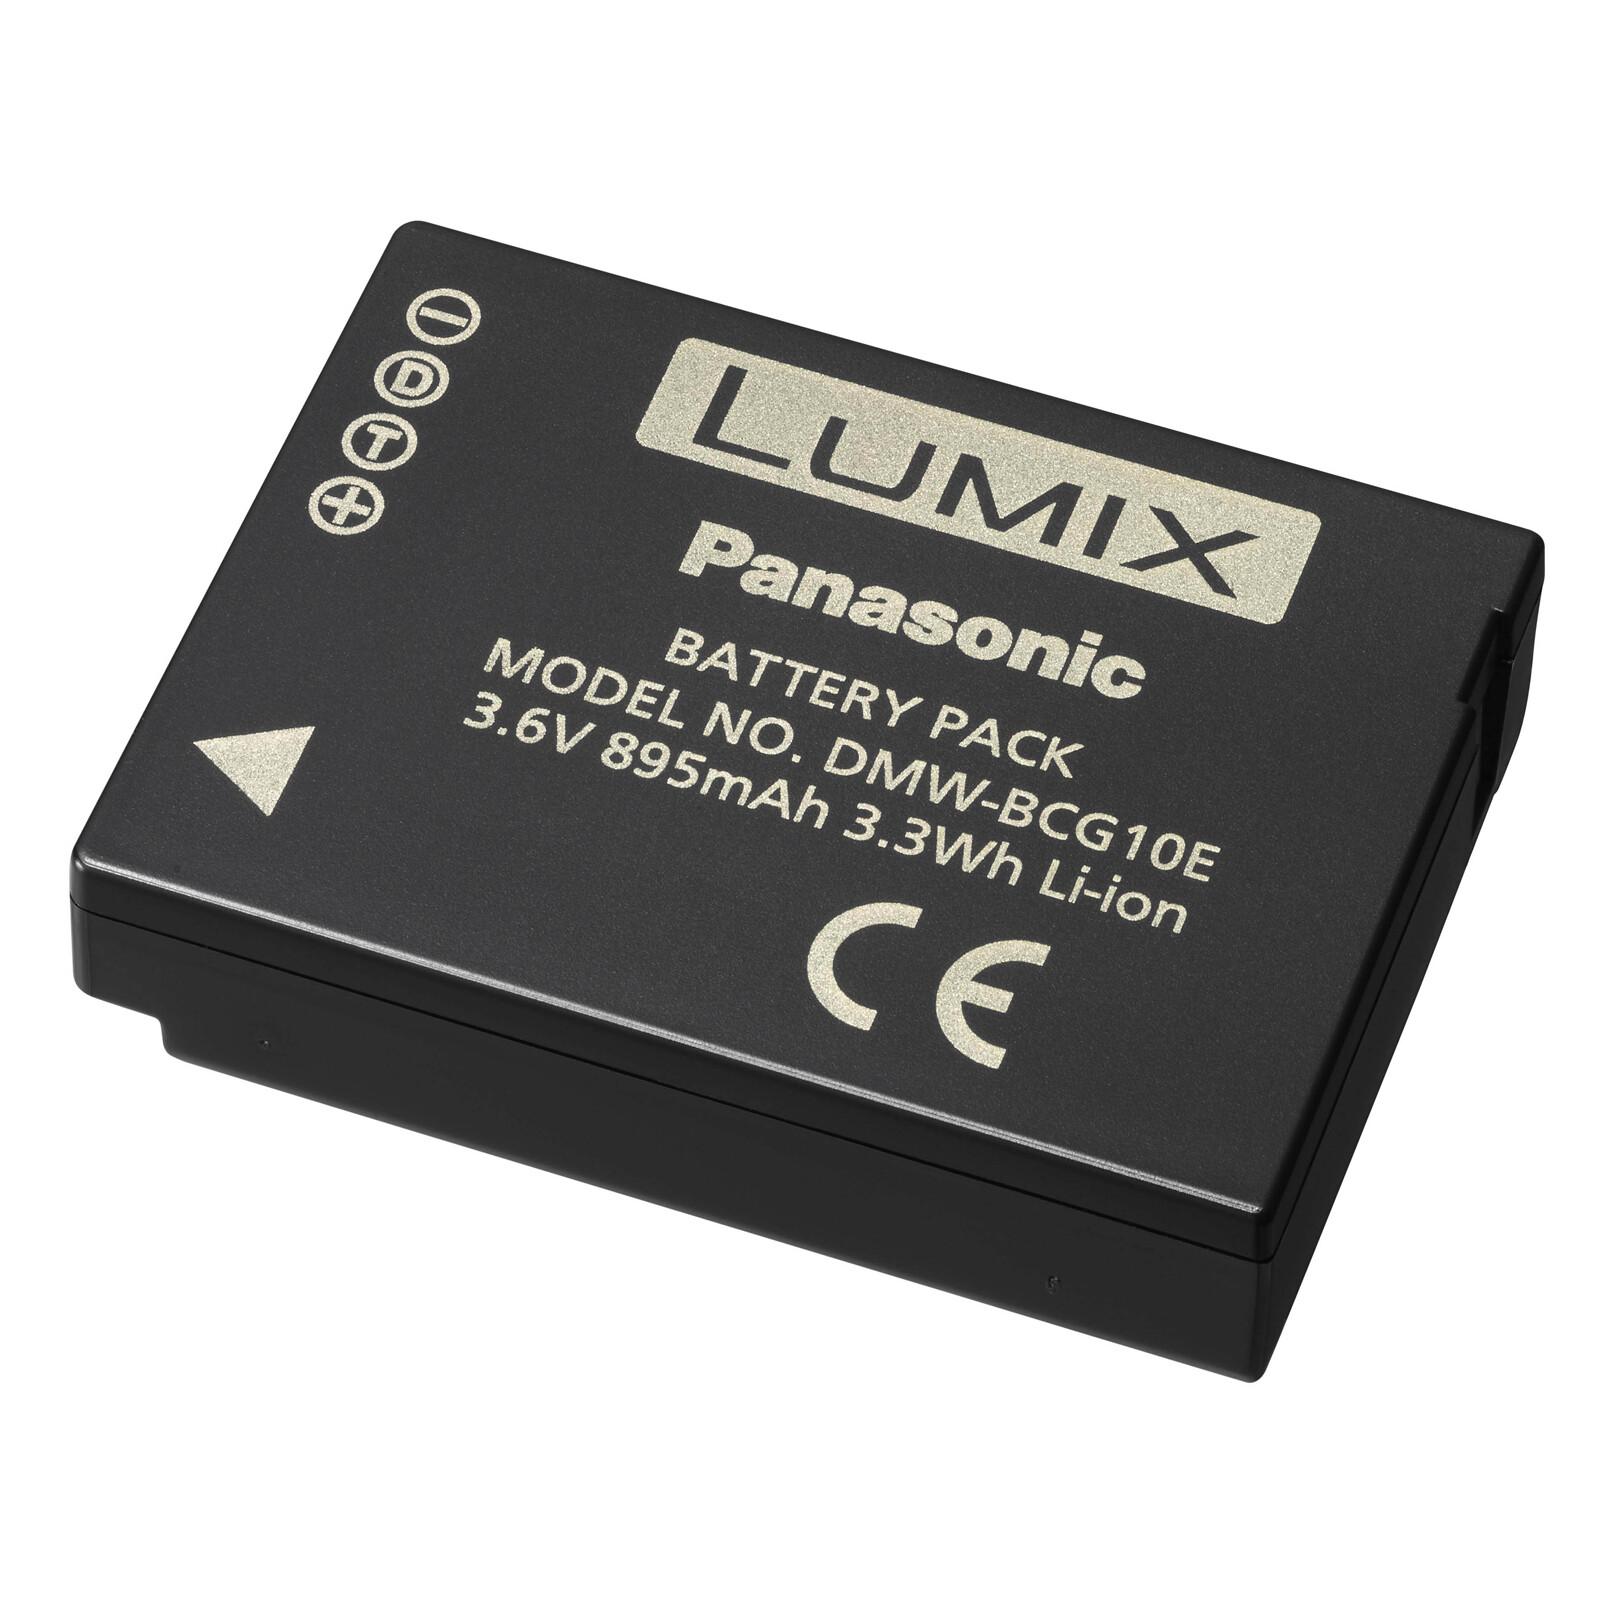 Panasonic Original Akku DMW-BCG10E